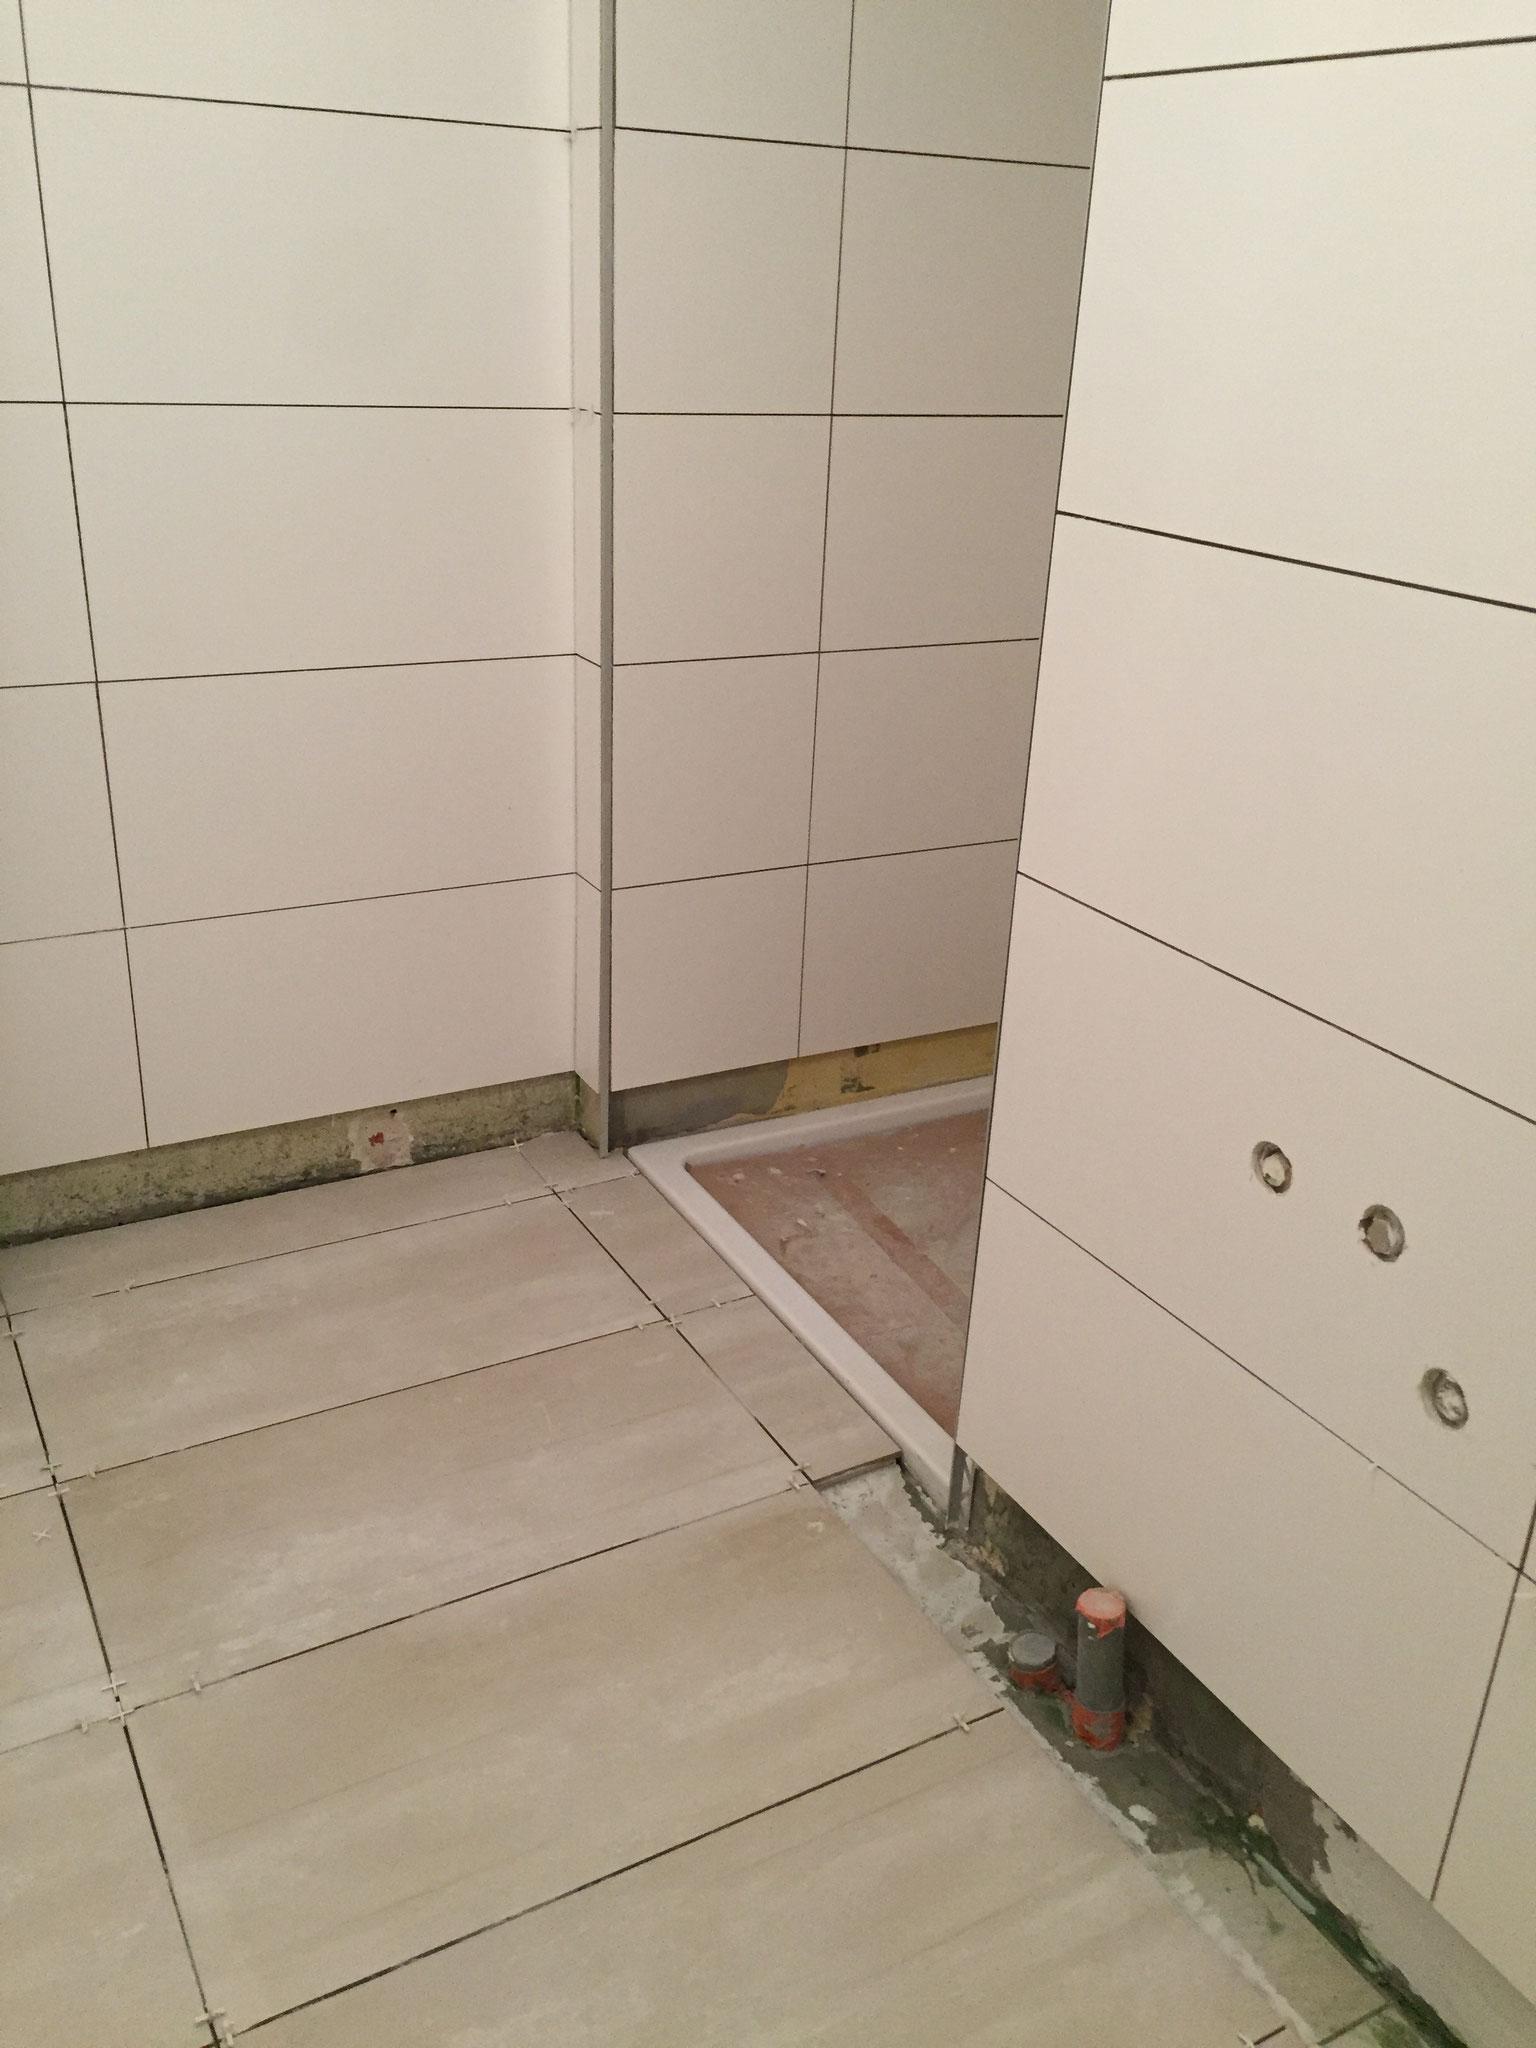 Pose de carrelage dans une salle de bain Activ Renovation Strasbourg 67